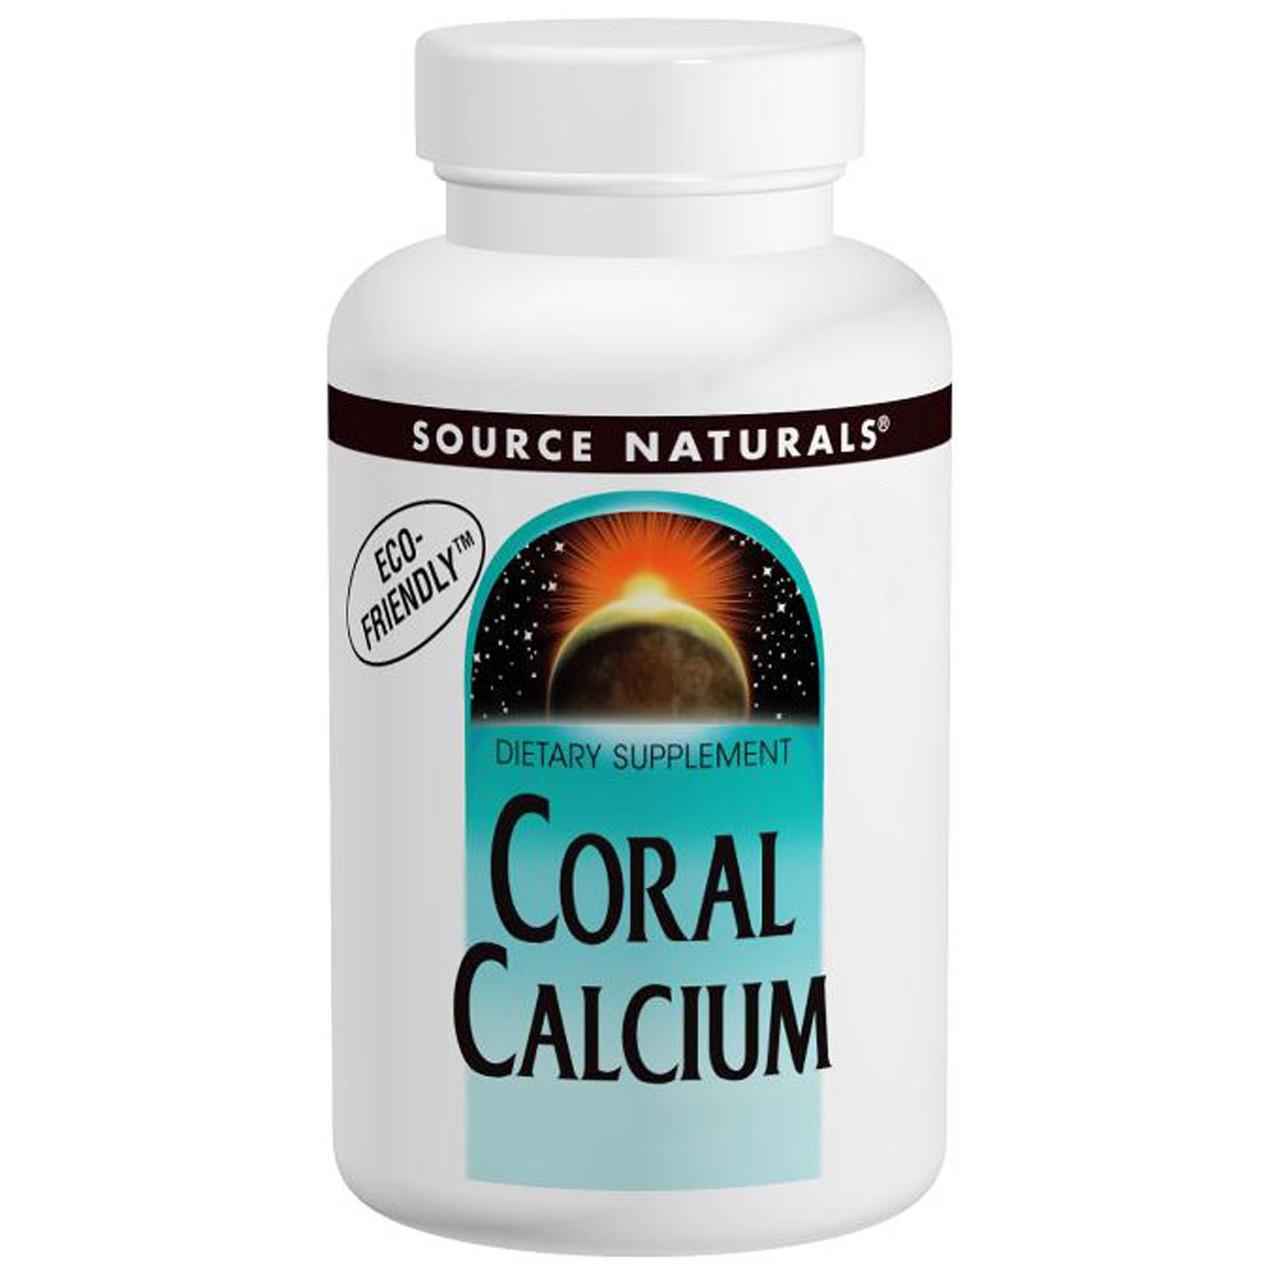 Коралловый кальций, Source Naturals, 2 унции (56,7 г)